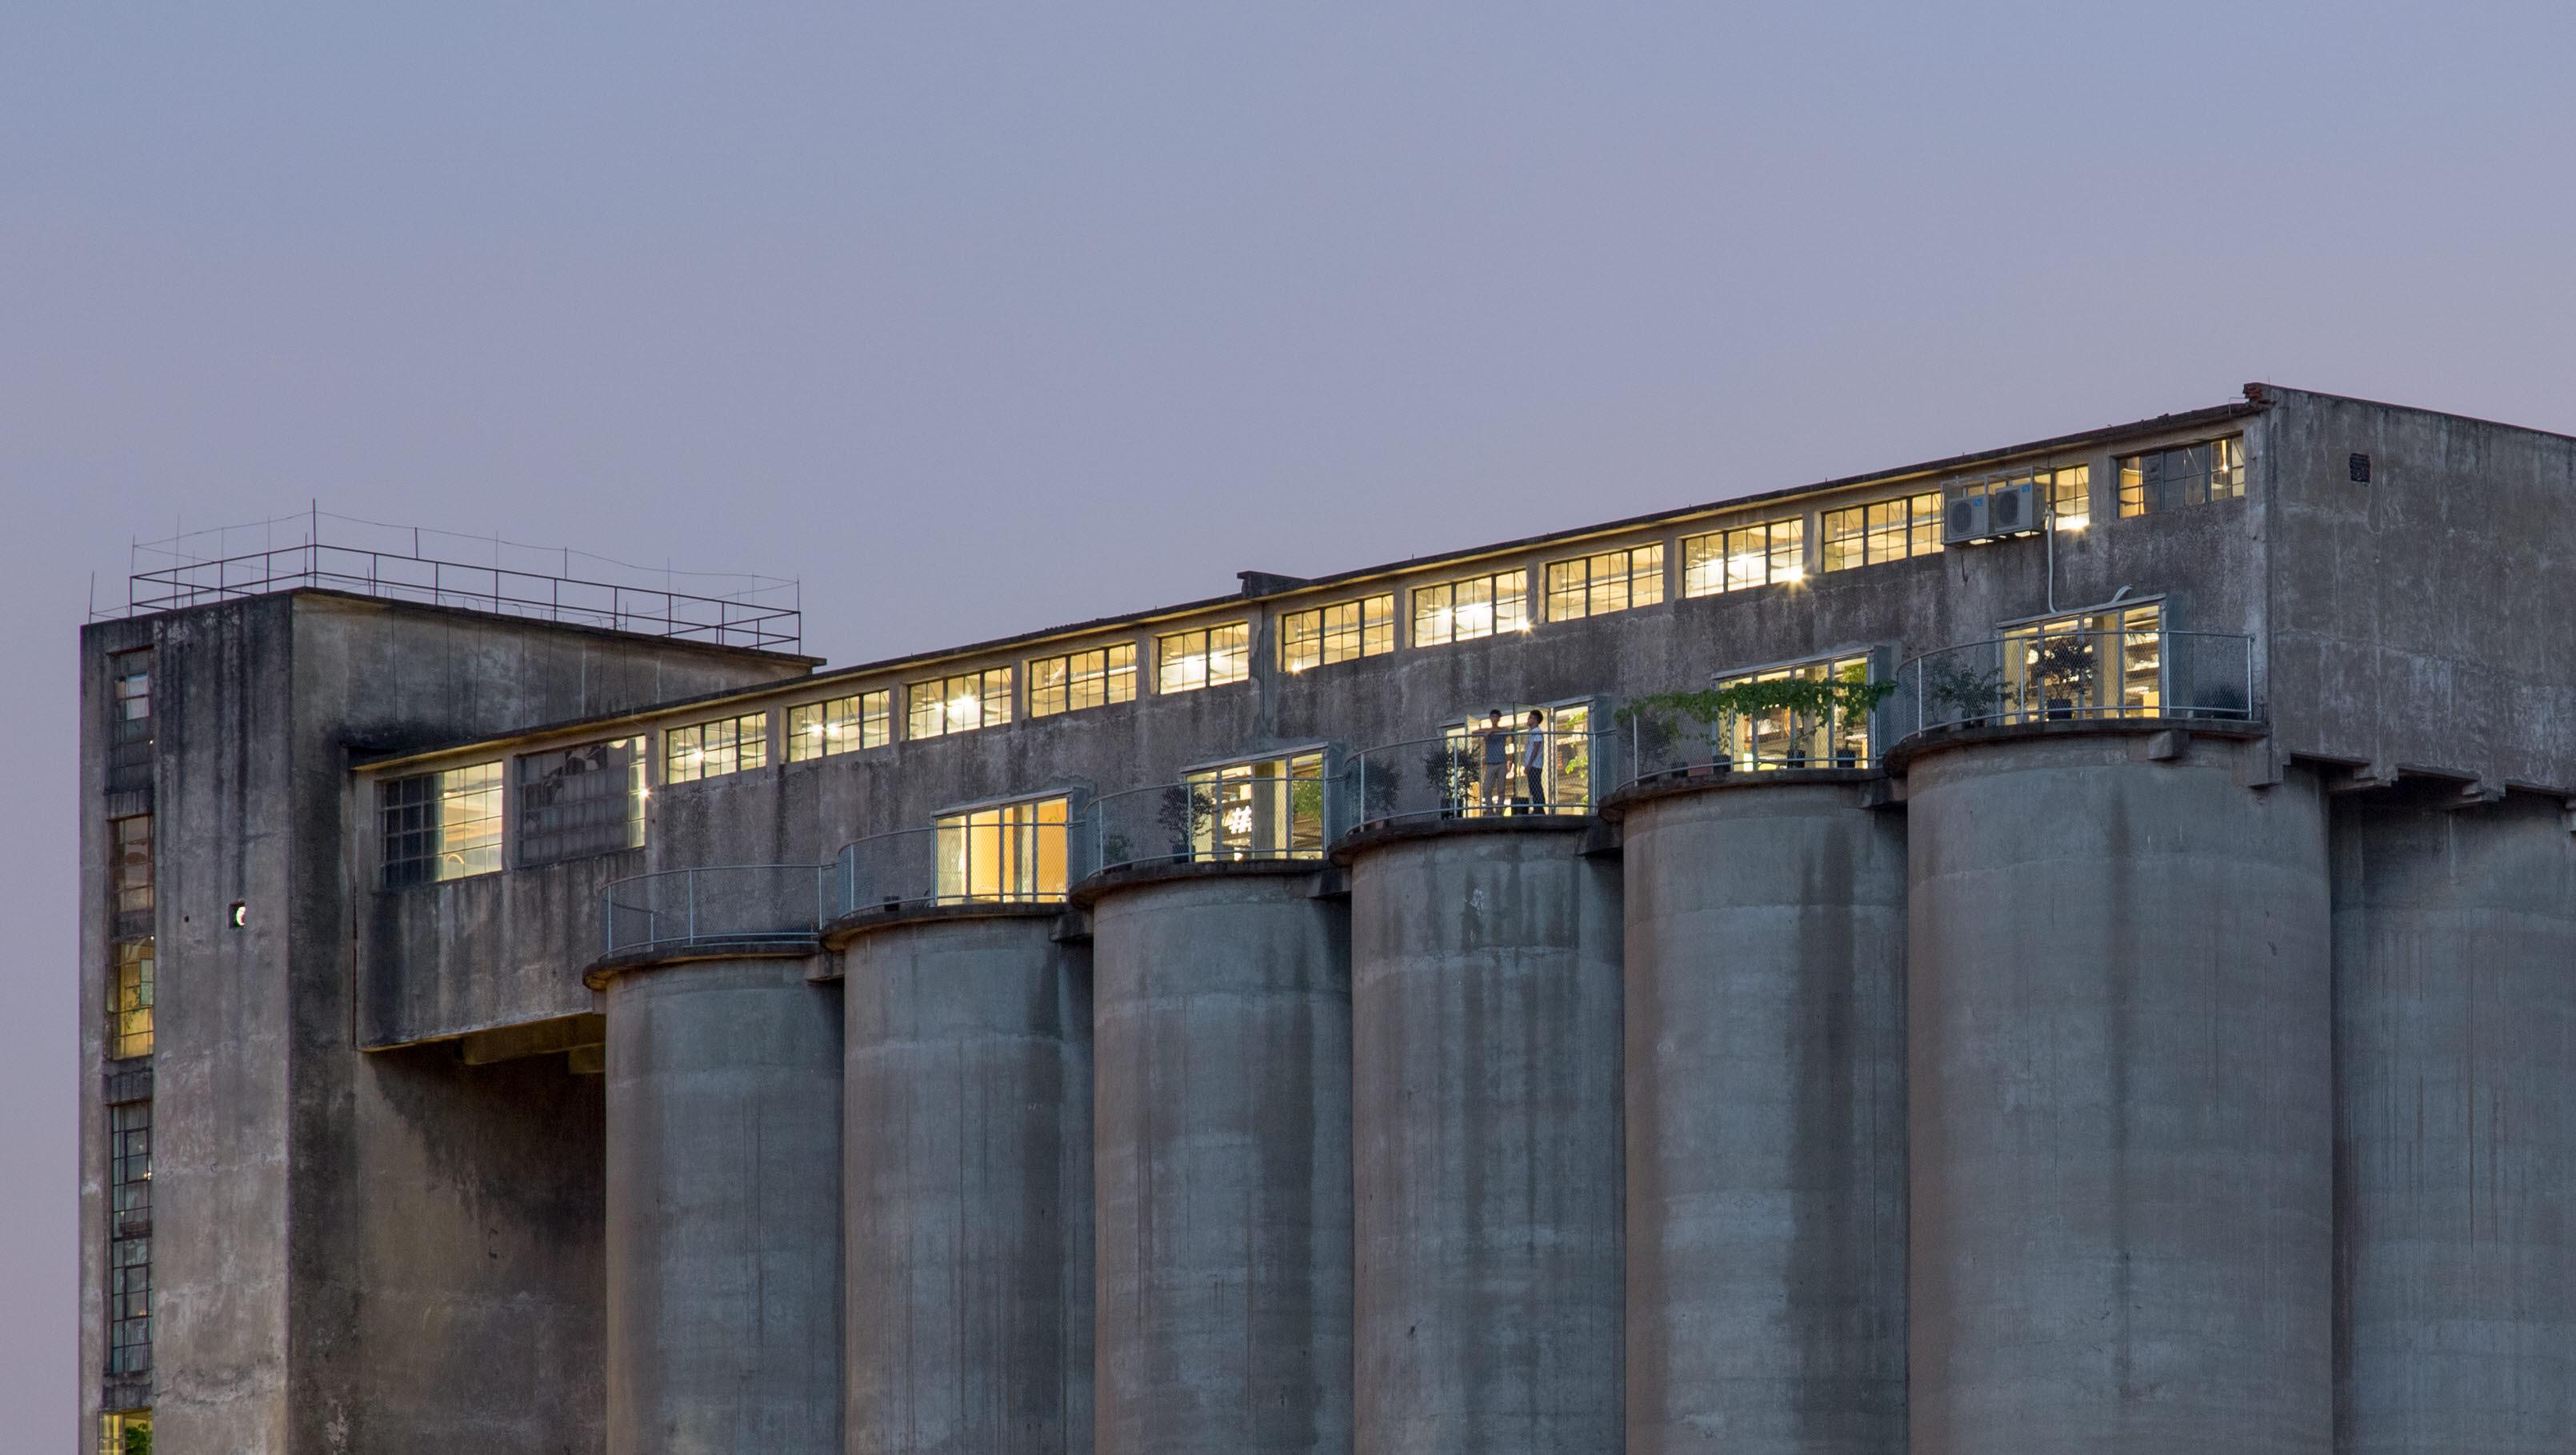 〔안정원의 디자인 칼럼〕 낡은 산업시설에서 호텔과 문화공간으로 변모한 재생 프로젝트 1